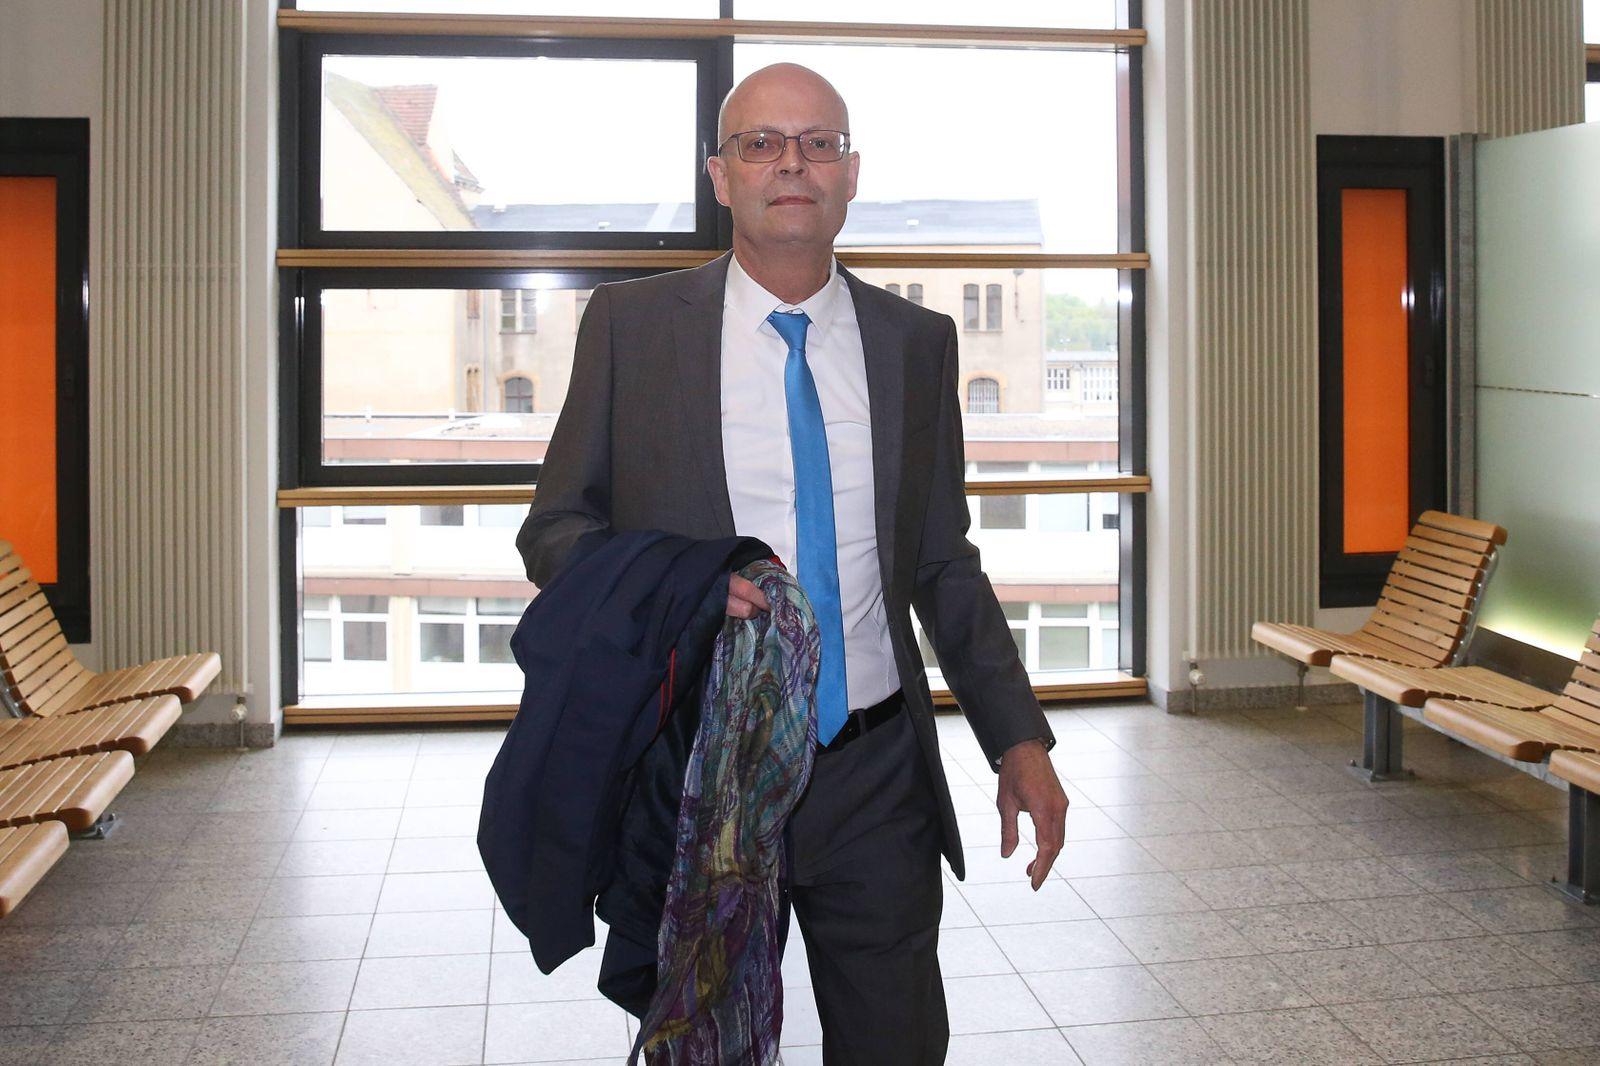 Oberbuergermeister Dr. Bernd Wiegand (parteilos,Halle Saale,Sachsen Anhalt) - Prozess am Landgericht in Magdeburg Sachs